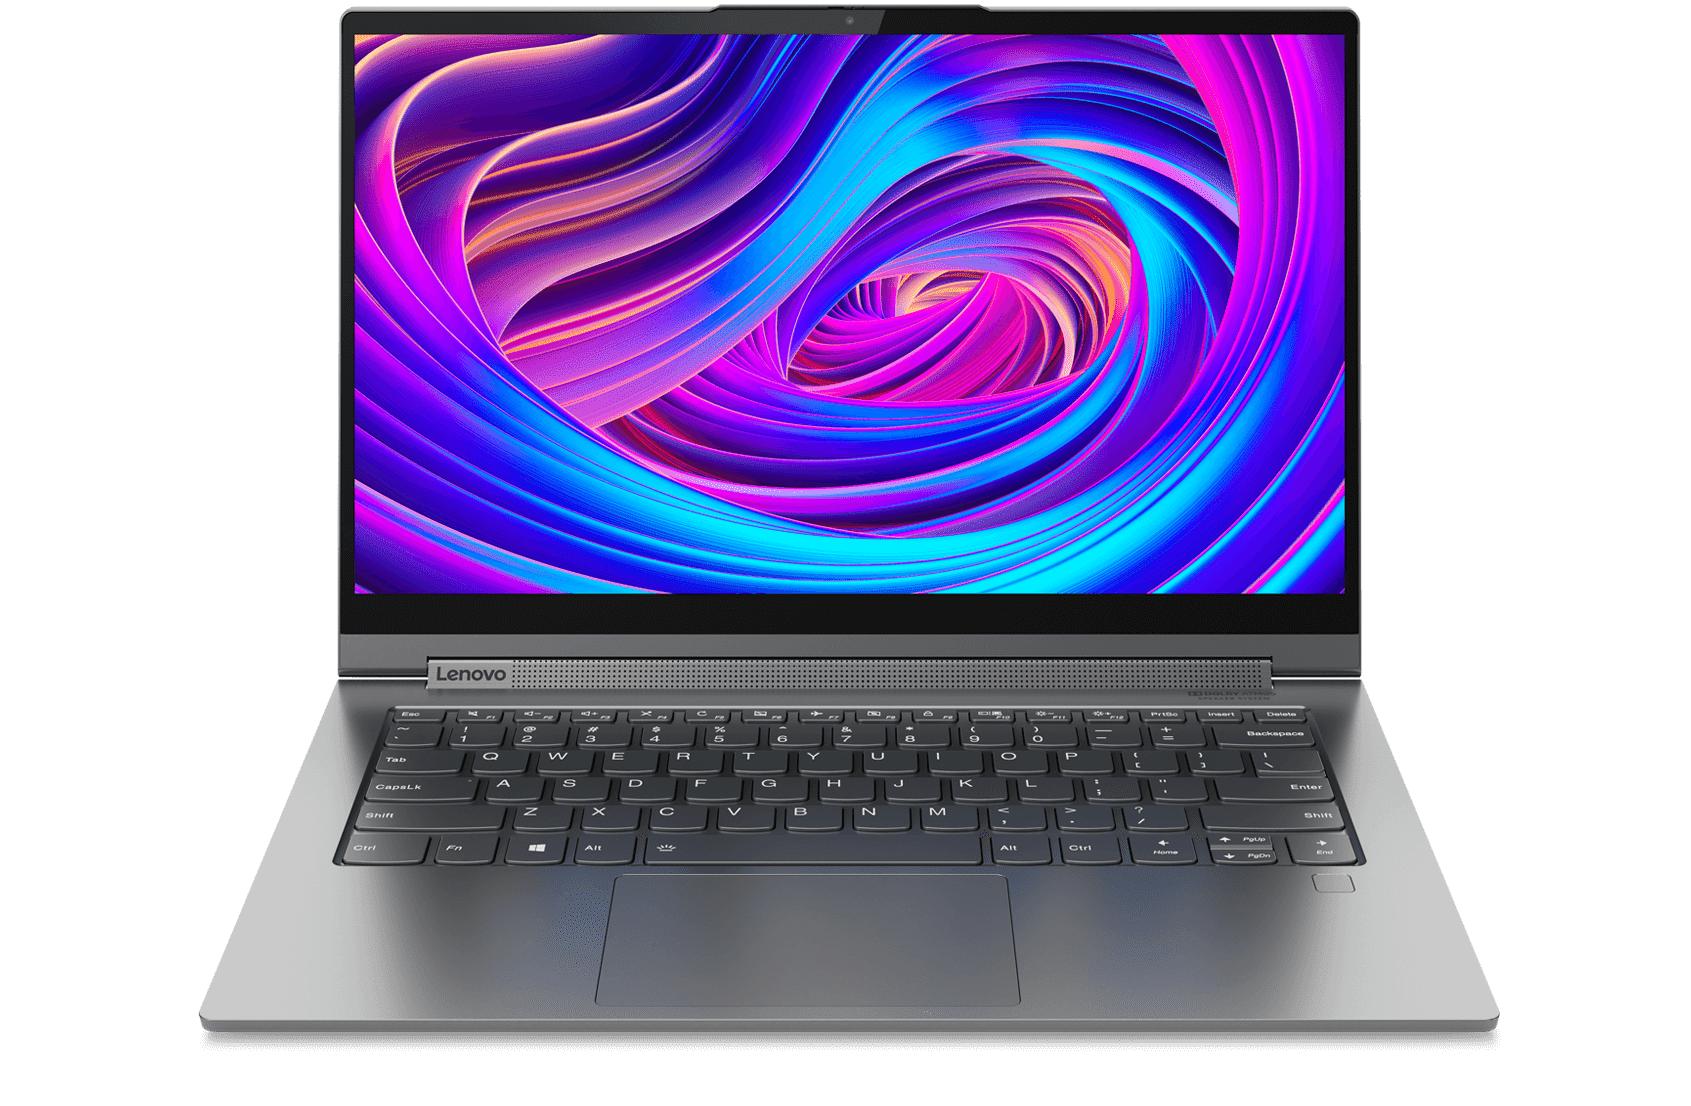 Lenovo Yoga C940 14 Processeur Intel® Core? i7-1065G7 10e génération 1,30 GHz, jusqu?à 3,90 GHz avec Turbo Boost, 4 c?urs, 8 Mo de cache, Windows10 Famille 64bits, 512 Go SSD M.2 2280 - 81Q9000YFR